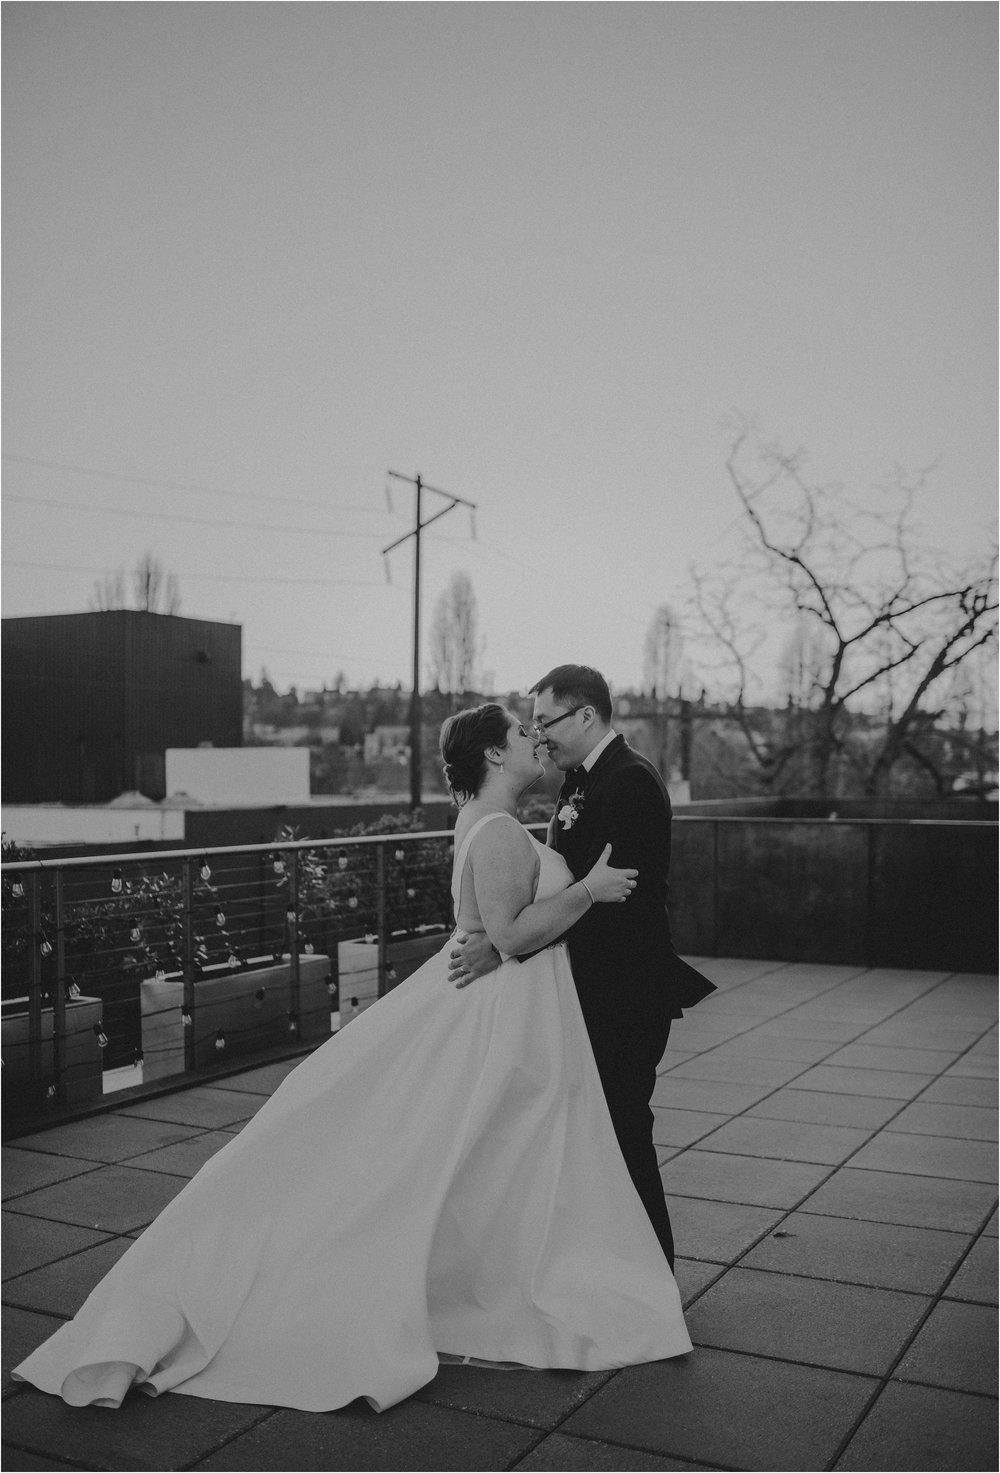 ashley-and-david-fremont-foundry-seattle-washington-wedding-photographer-096.jpg